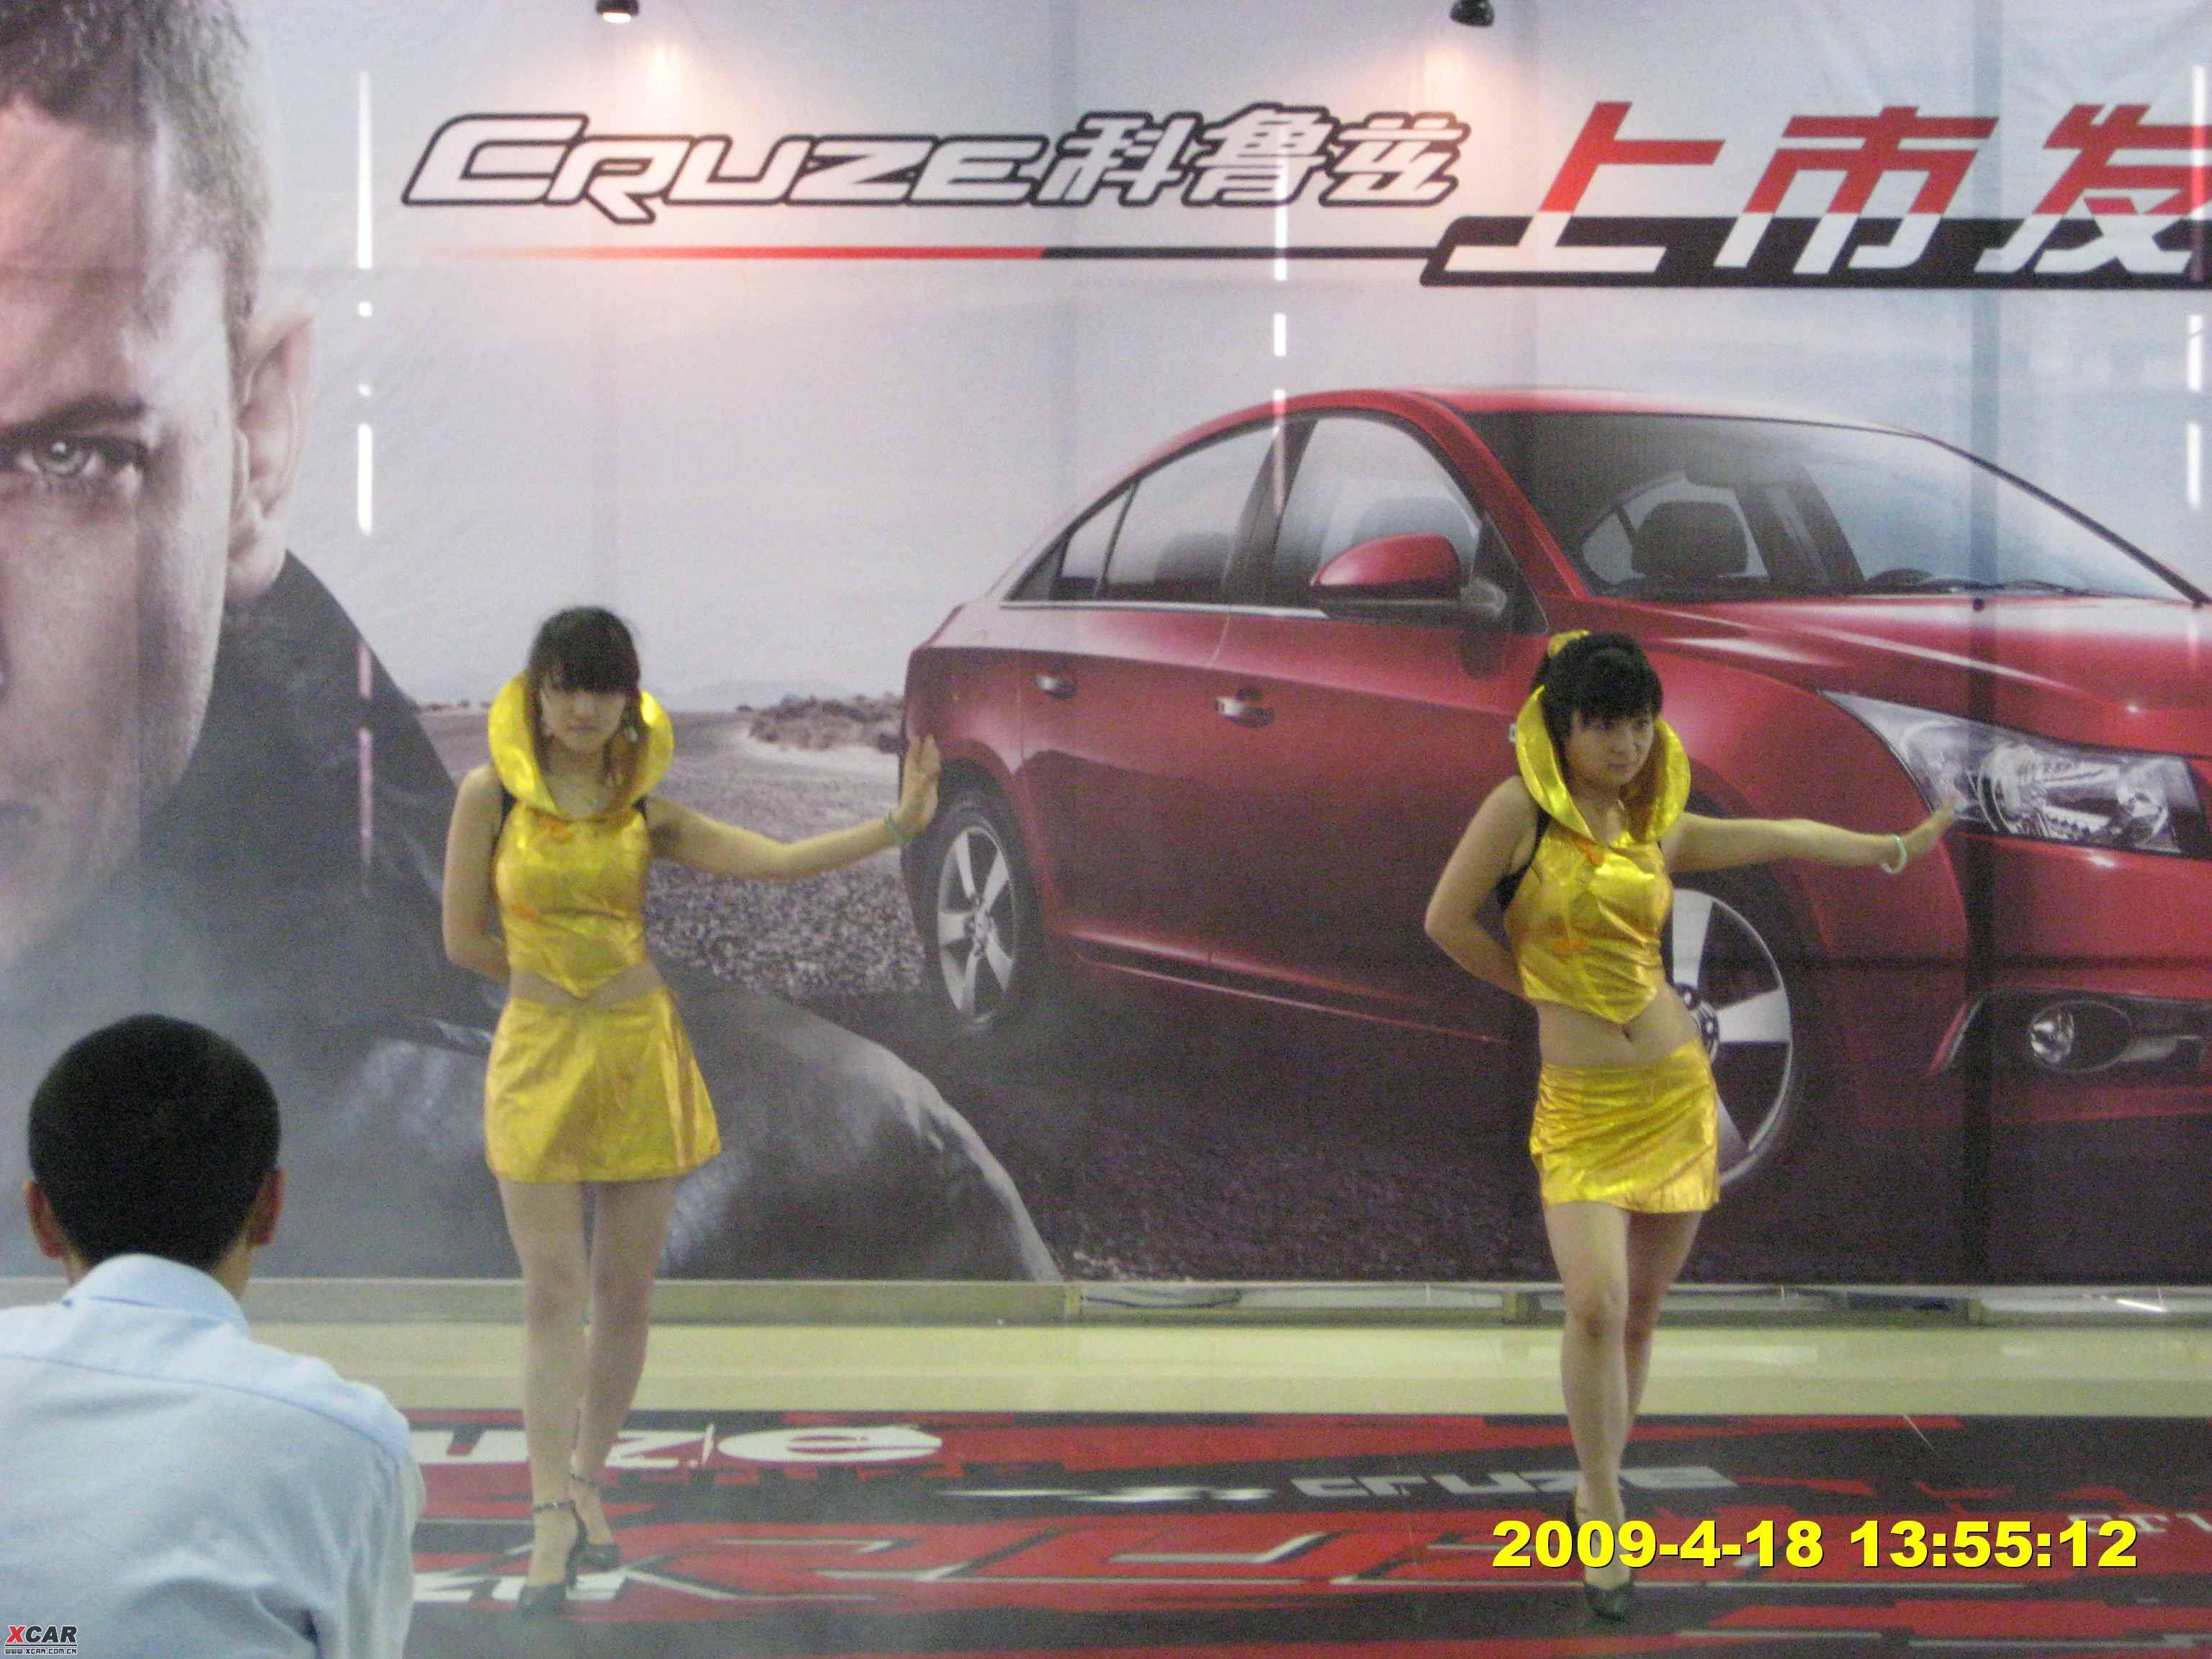 参加克鲁兹上市发布,图片报道 科鲁兹论坛 xcar 爱卡汽车俱高清图片